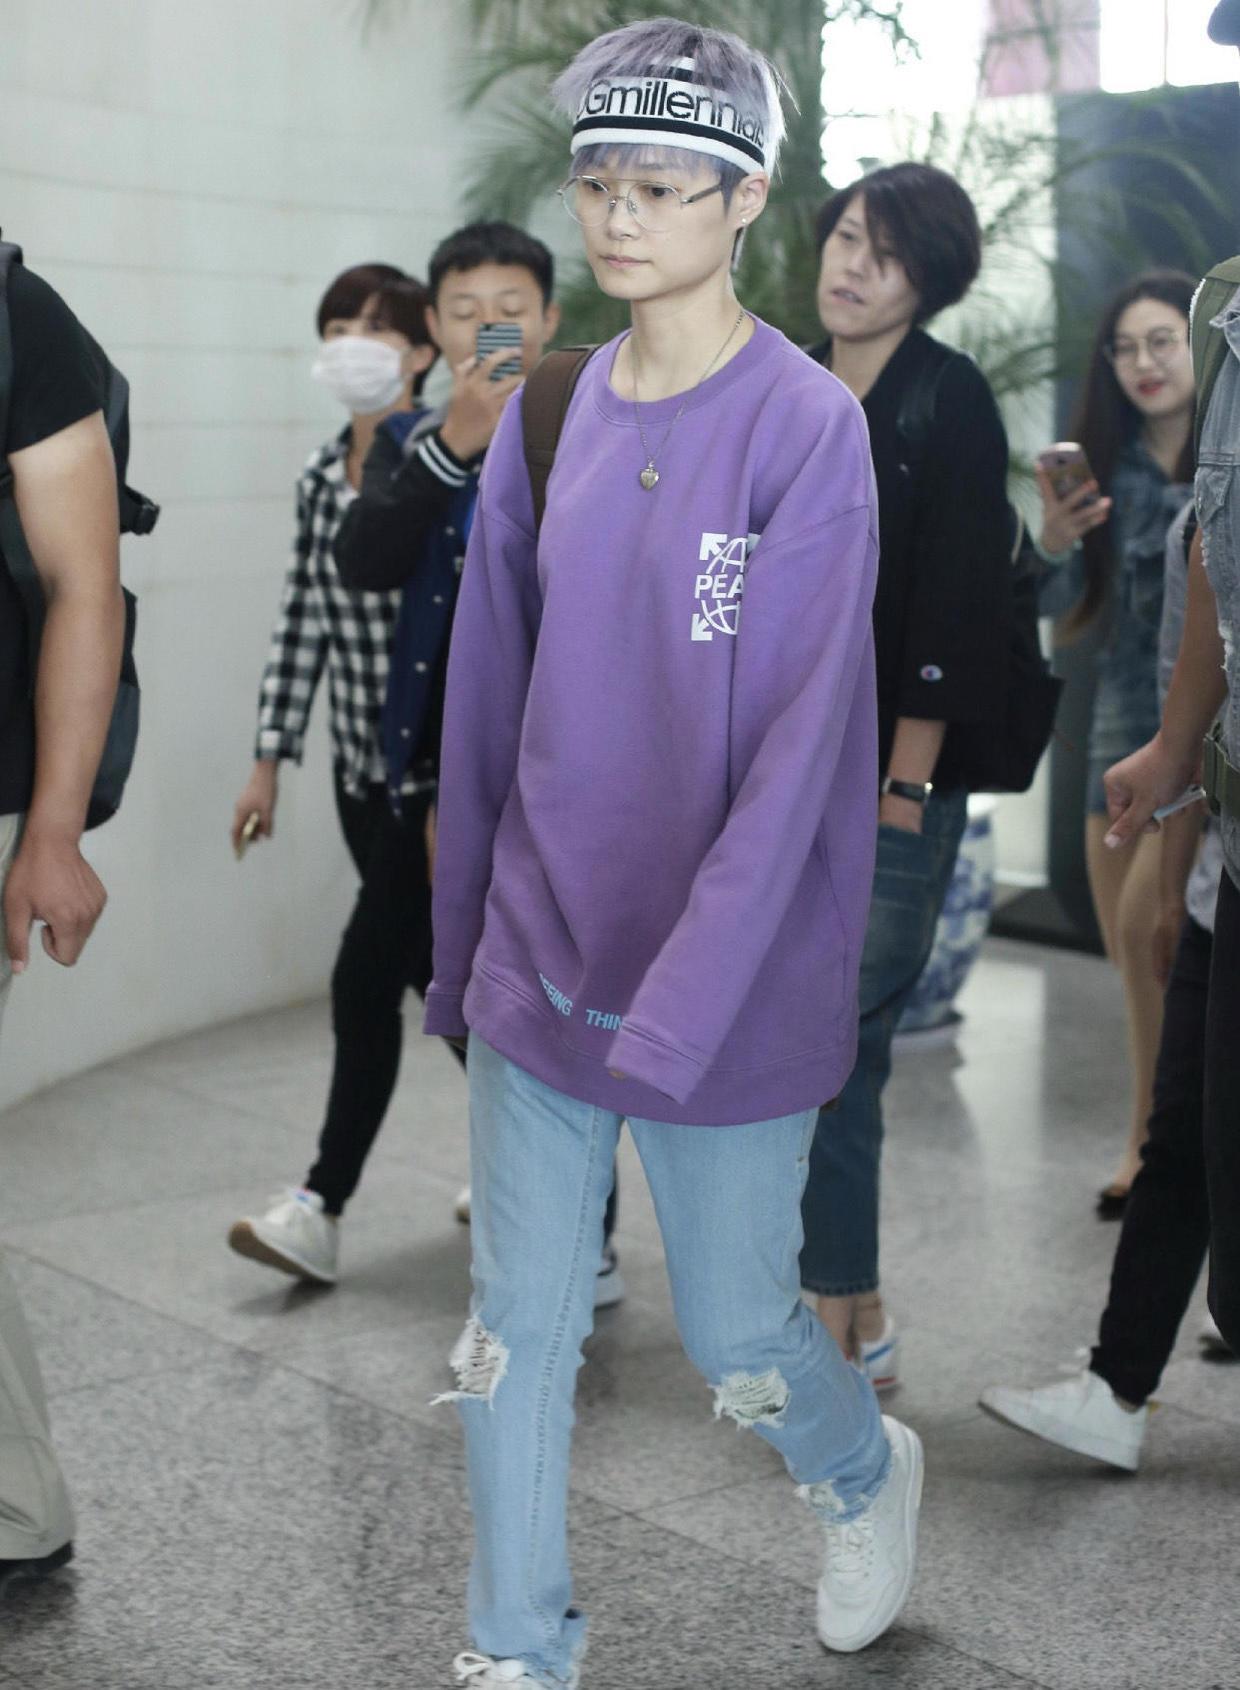 李宇春还是那么帅气个性,紫色卫衣搭配破洞裤潮流洒脱,中性飒爽